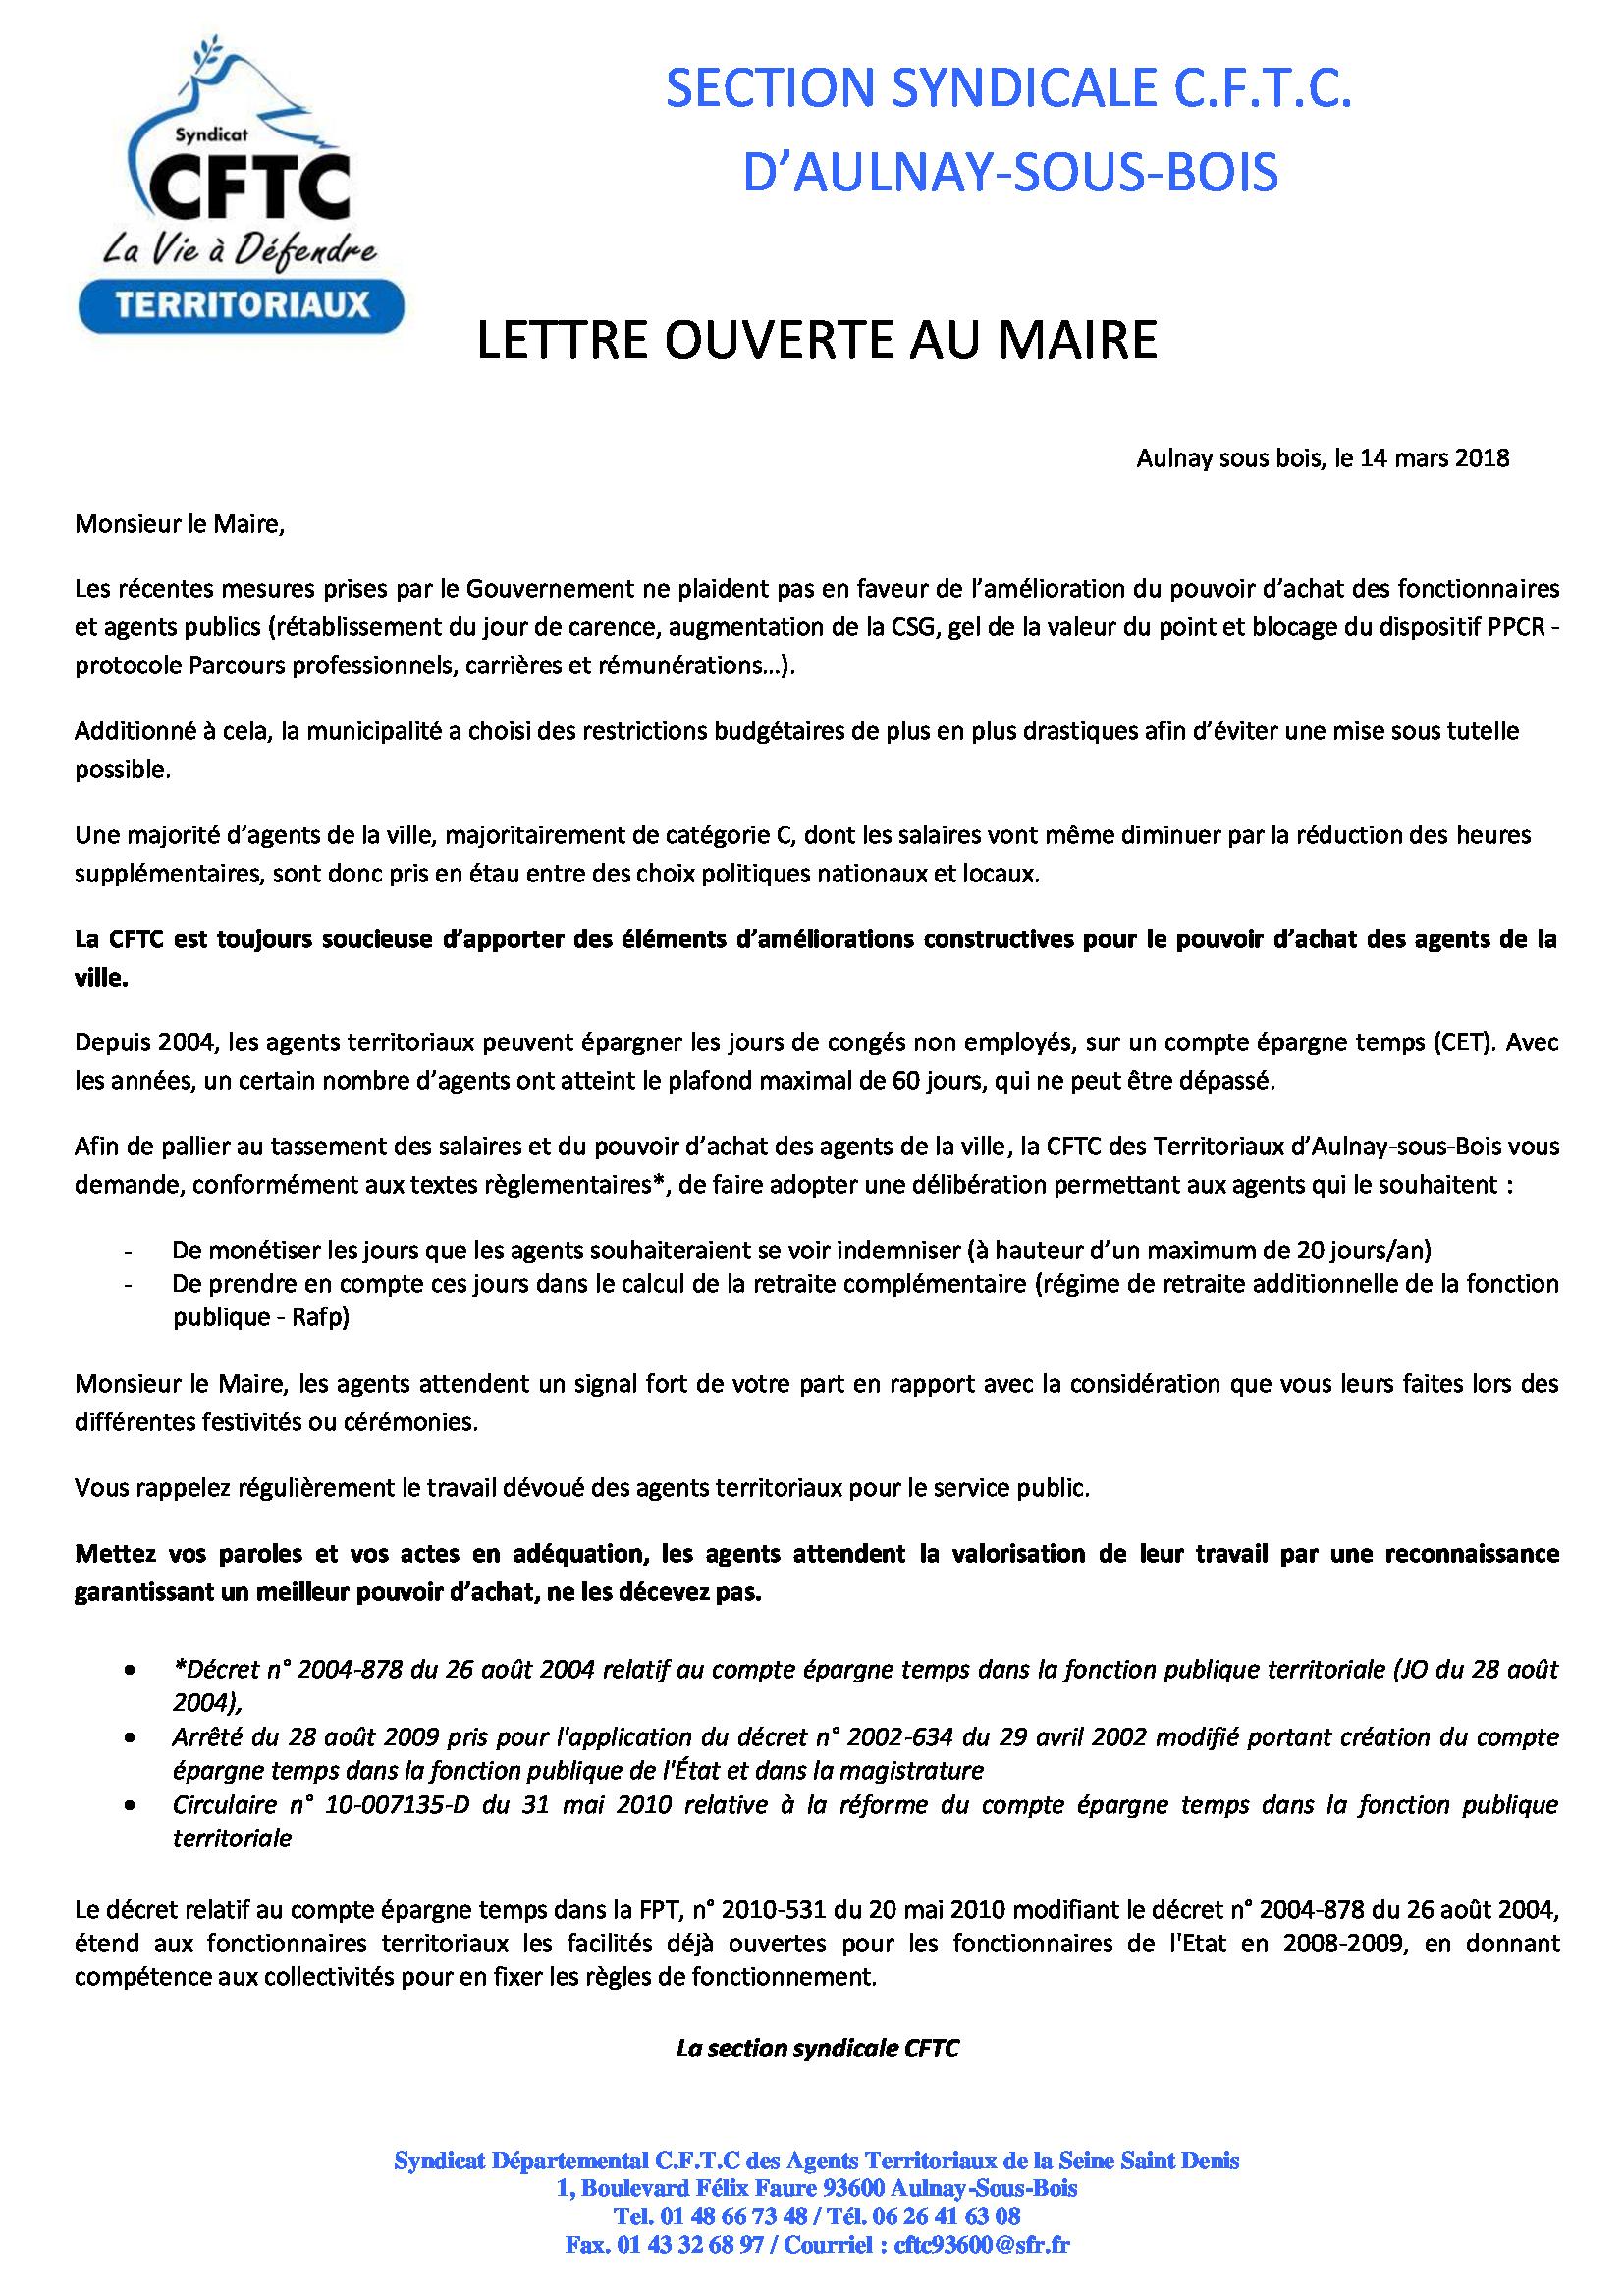 La Cftc Interpelle Le Maire D Aulnay Sous Bois Sur Le Pouvoir D